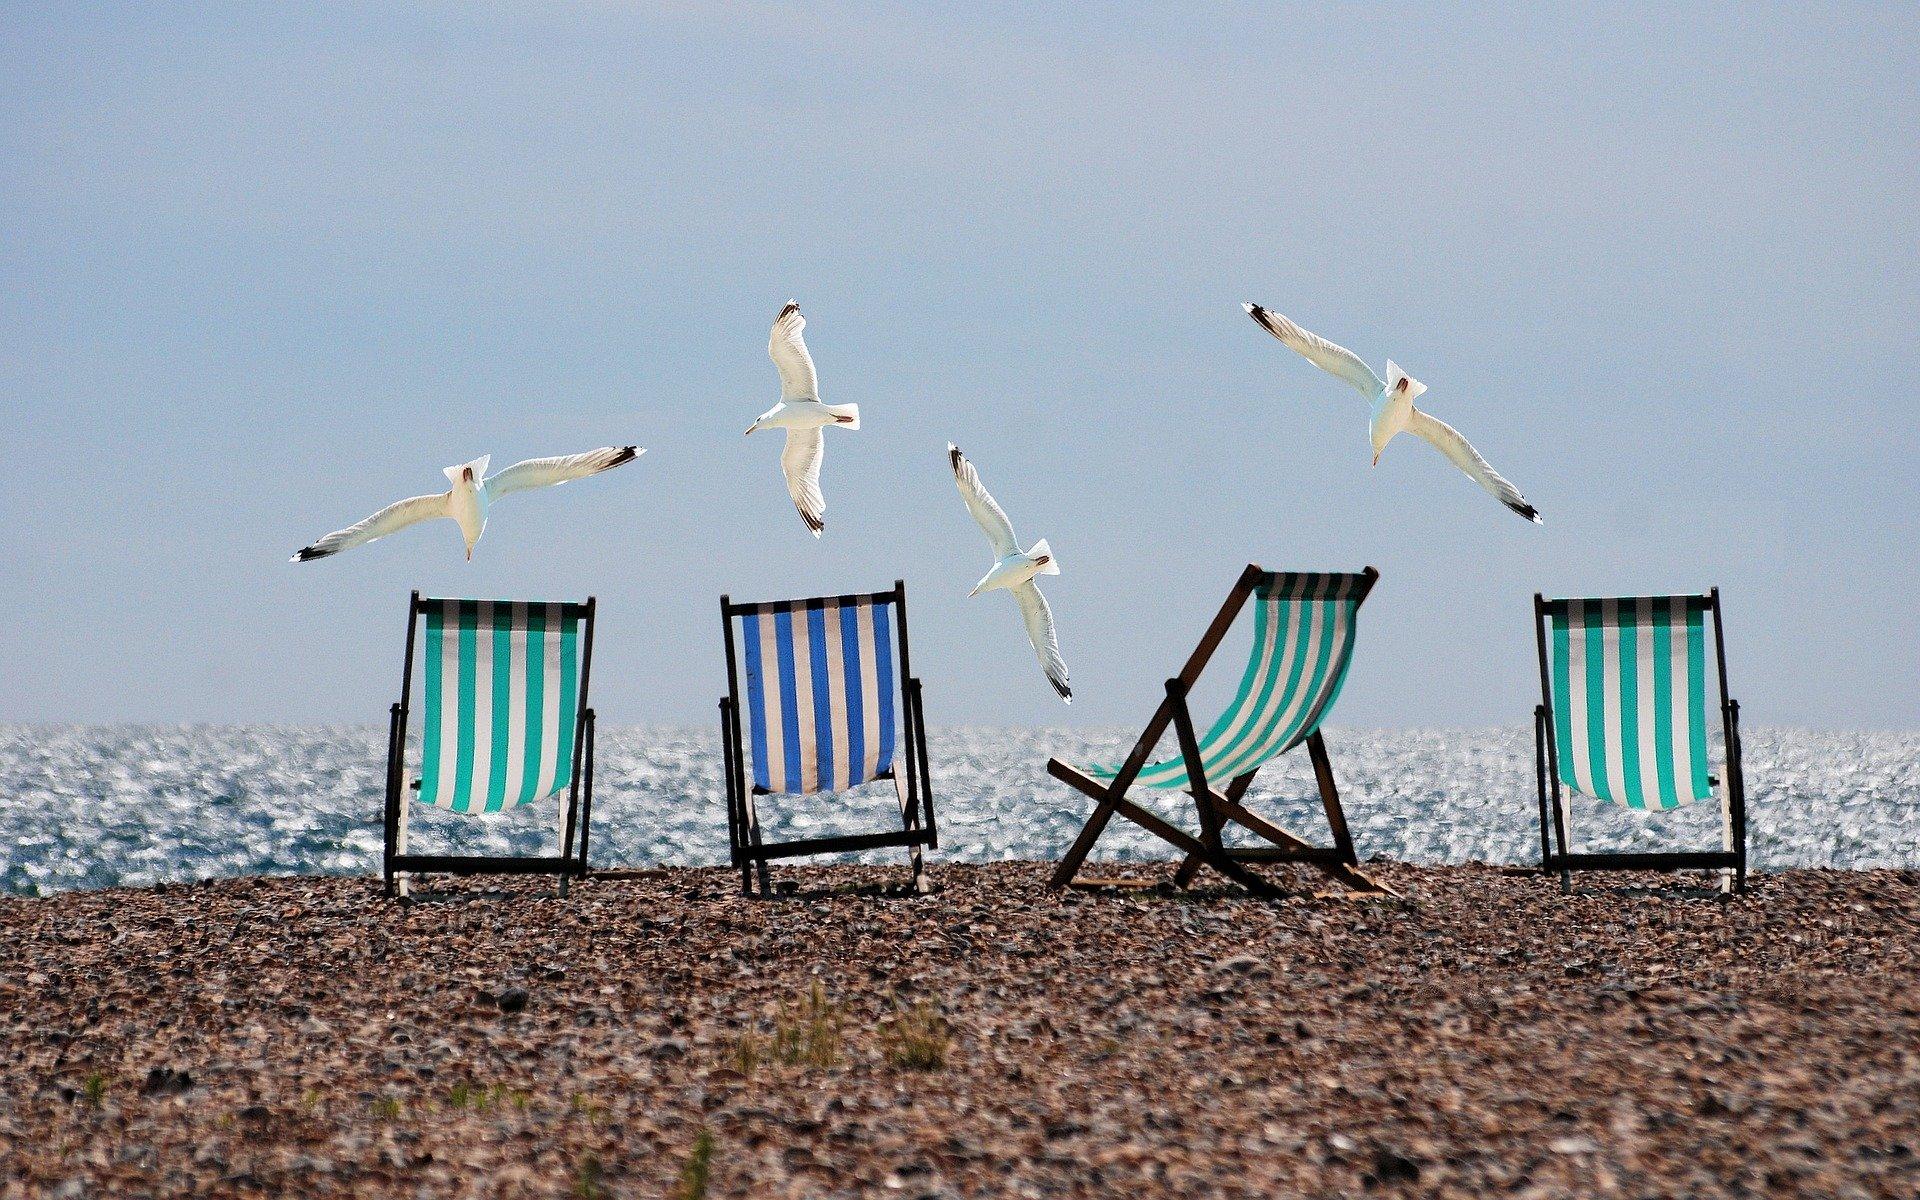 Τι καλοκαίρι κι αυτό! Ο φόβος του κορονοϊού δεν σε άφηνε να ηρεμήσεις παρά τα χάδια της θάλασσας